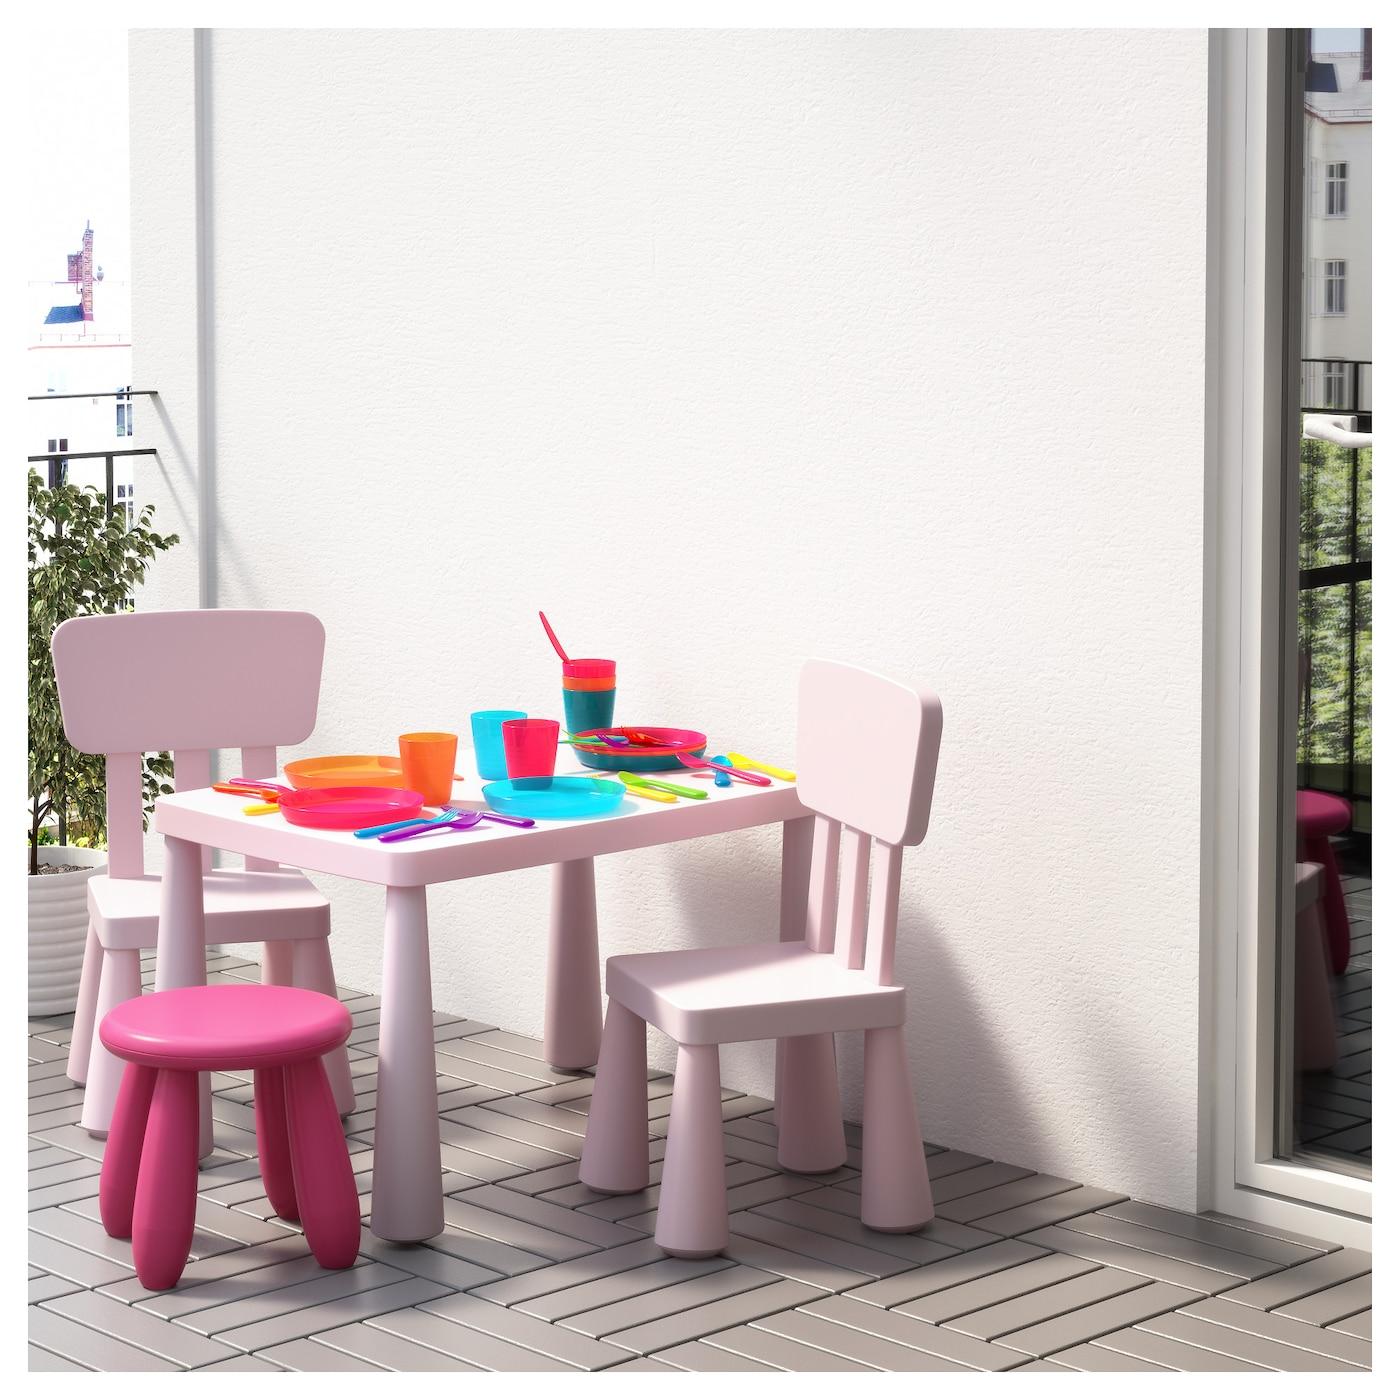 MAMMUT Children s chair In outdoor light pink IKEA